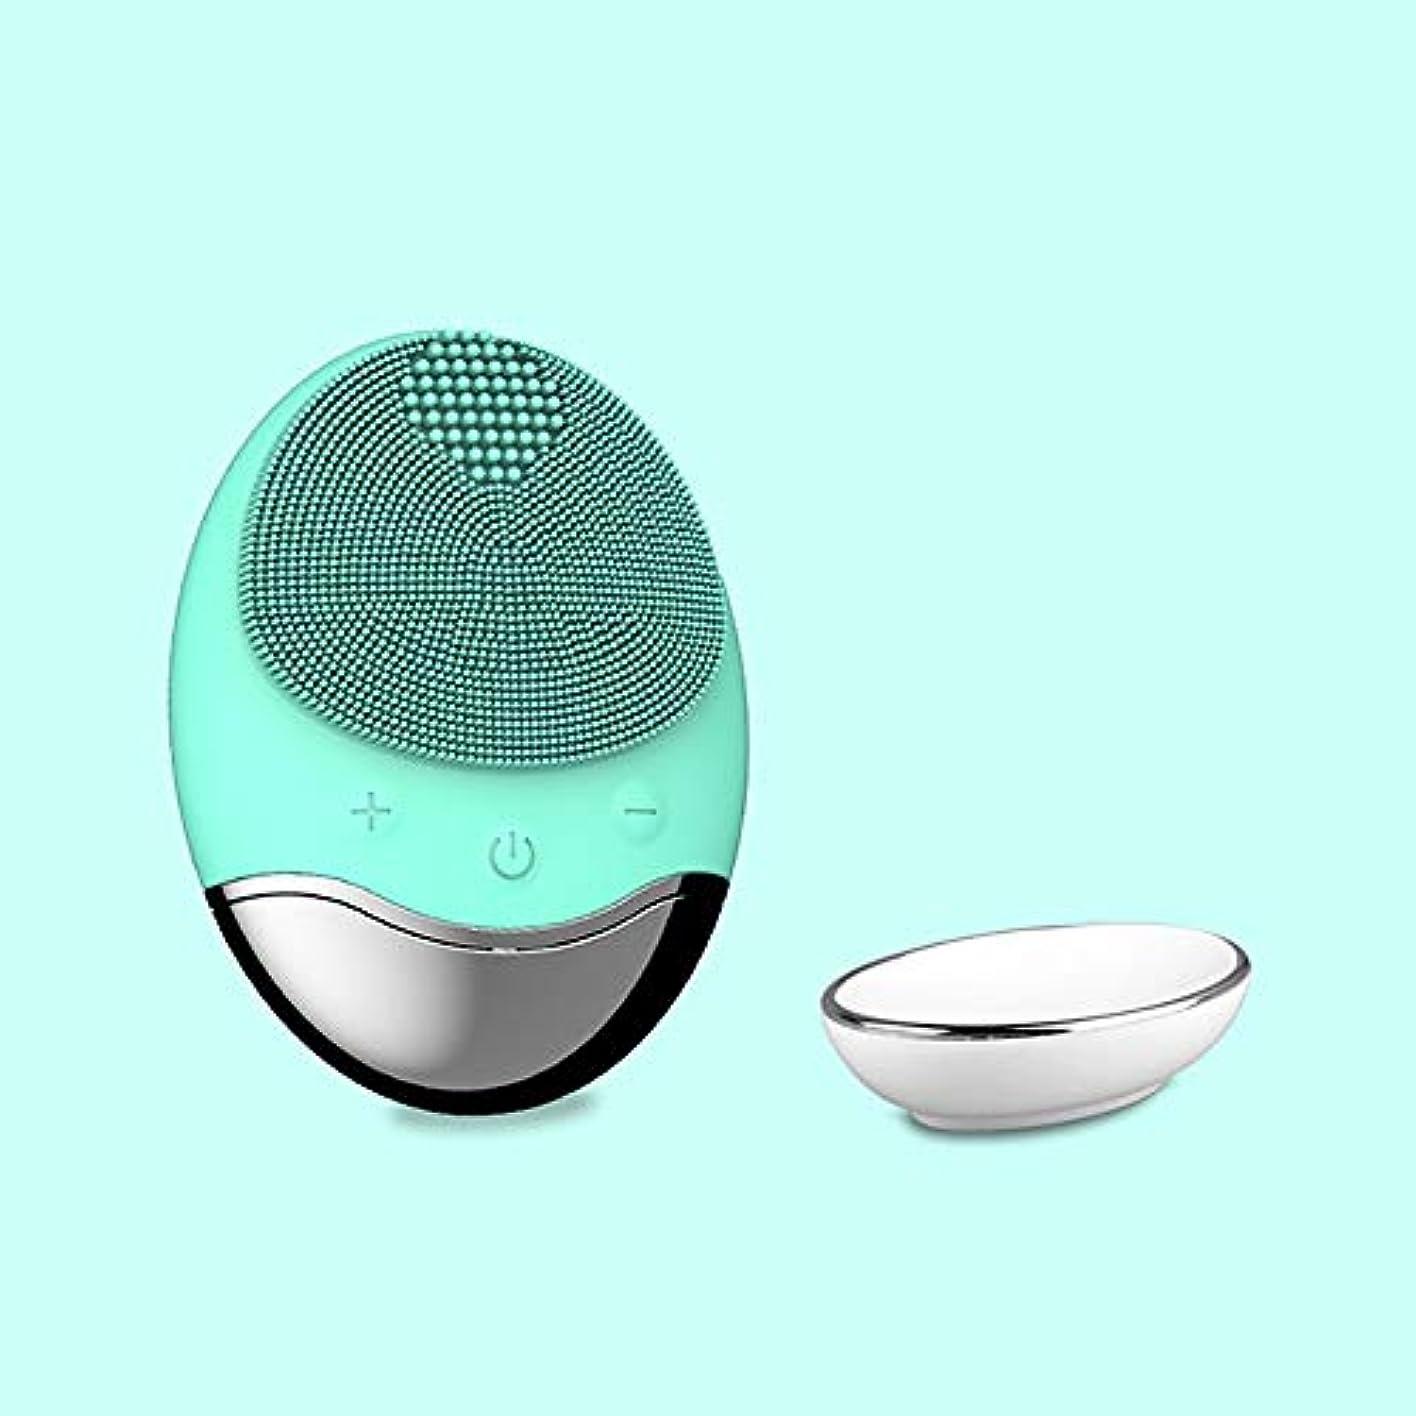 引き出す要塞かなりZXF 新しいアップグレードワイヤレス充電電気家庭用竹炭シリコーン防水超音波洗浄毛穴洗浄器具洗浄器具輸入器具 滑らかである (色 : Green)